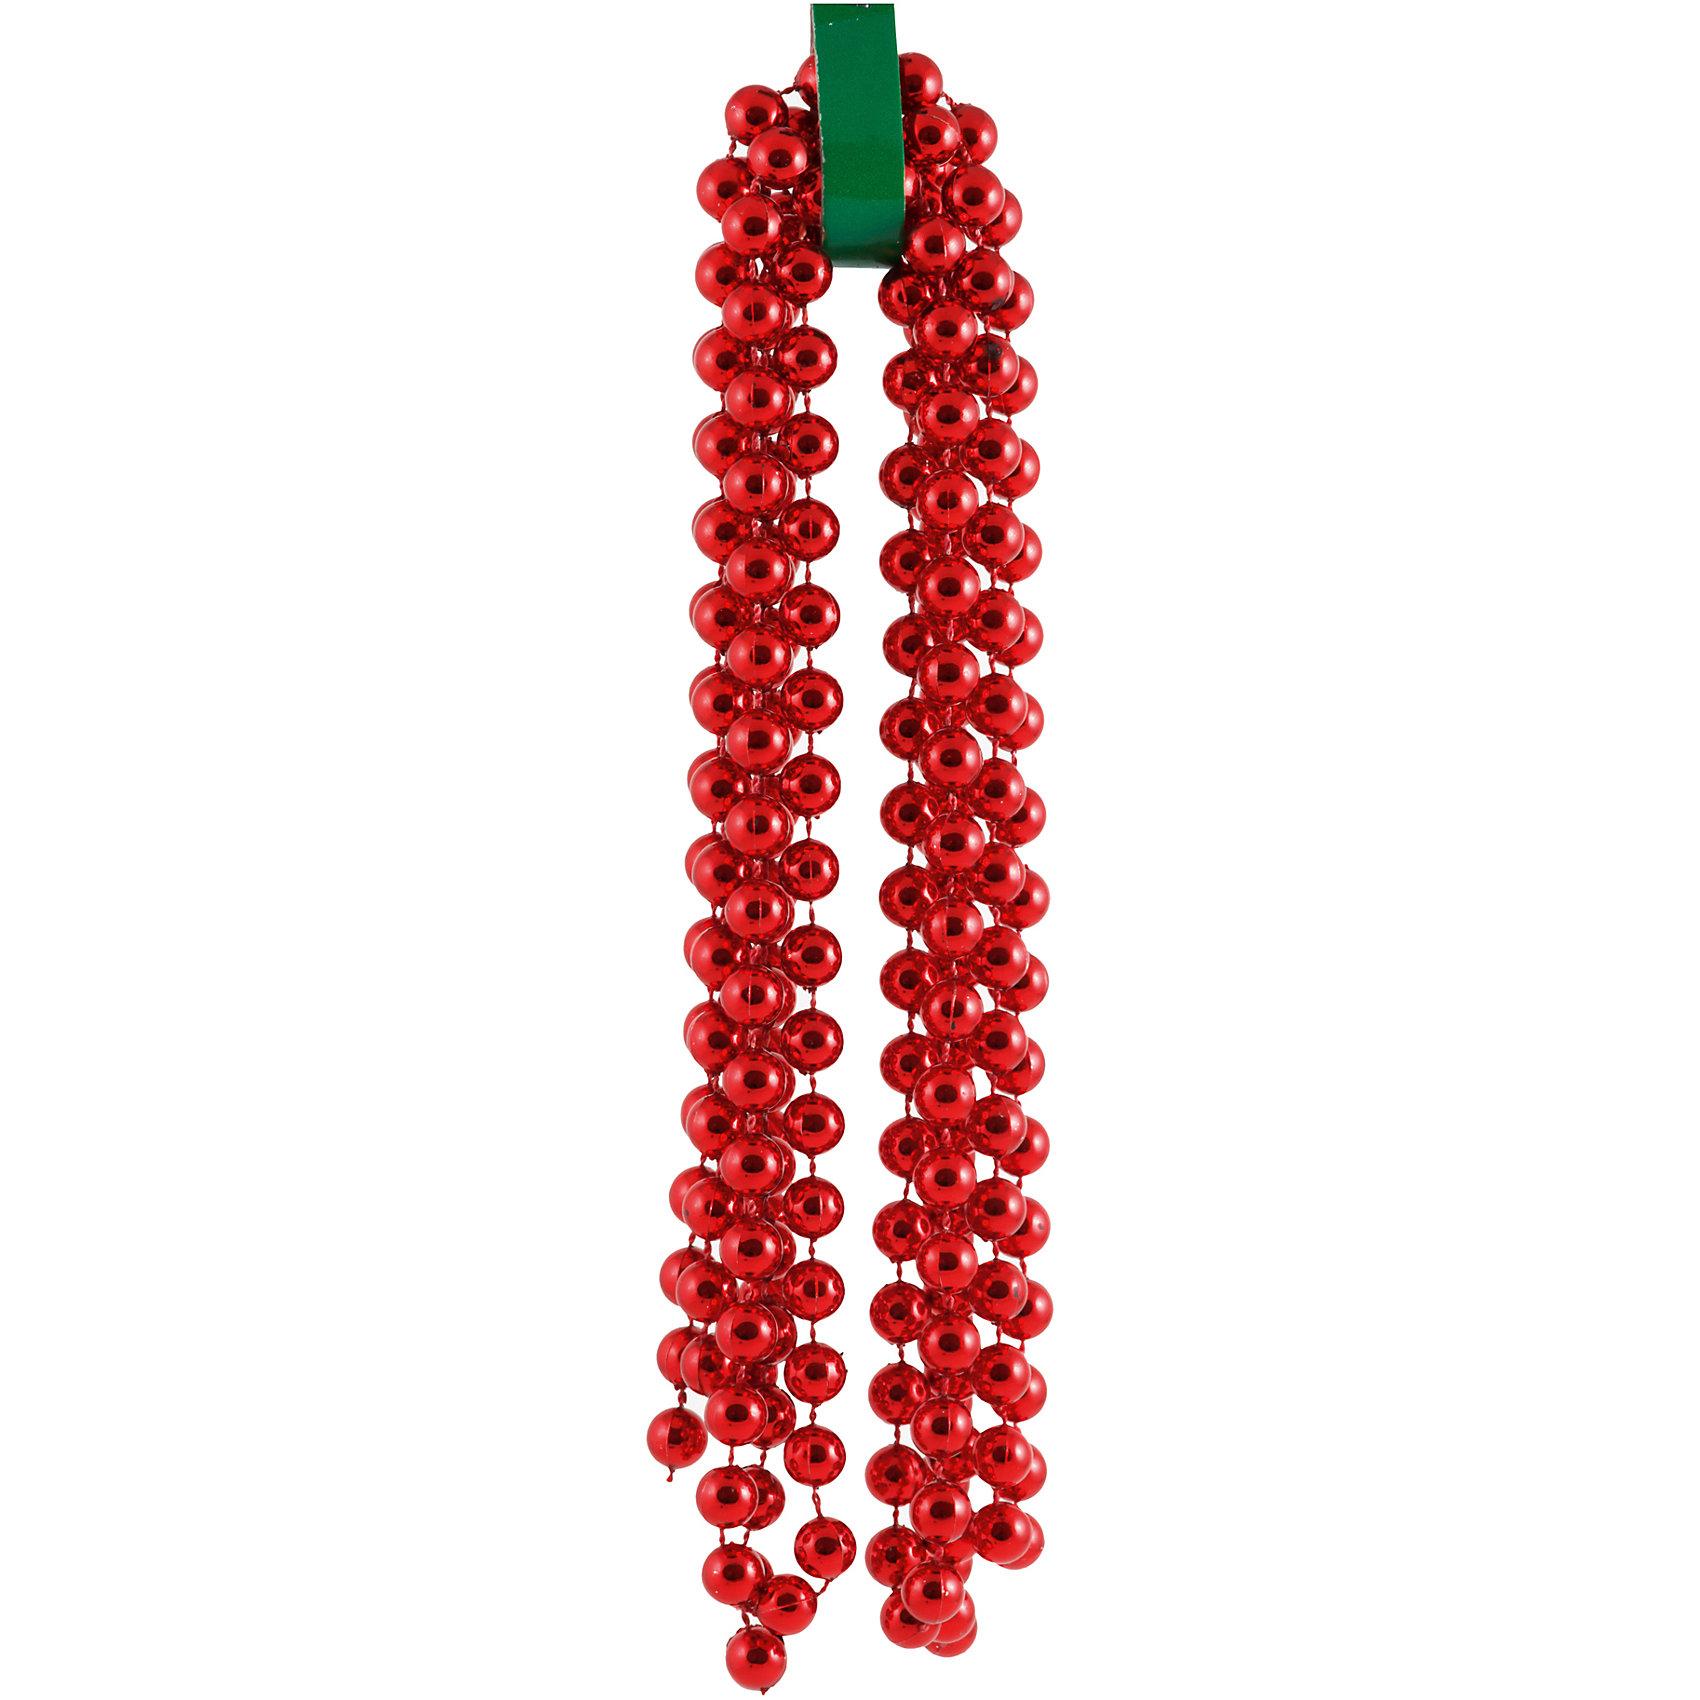 Красные бусы КлассикКрасные бусы Классик, Волшебная страна, станут замечательным украшением для Вашей новогодней елки и помогут создать праздничную волшебную атмосферу. Бусы выполнены в стильном дизайне из бусинок насыщенного ярко-красного цвета, они будут чудесно смотреться на елке и радовать детей и взрослых.<br><br>Дополнительная информация:<br><br>- Цвет: красный. <br>- Длина бус: 2,7 м.<br>- Размер упаковки: 28 х 11 х 1 см.<br>- Вес: 131 гр. <br><br>Красные бусы Классик, Волшебная страна, можно купить в нашем интернет-магазине.<br><br>Ширина мм: 280<br>Глубина мм: 110<br>Высота мм: 10<br>Вес г: 131<br>Возраст от месяцев: 36<br>Возраст до месяцев: 2147483647<br>Пол: Унисекс<br>Возраст: Детский<br>SKU: 4288633